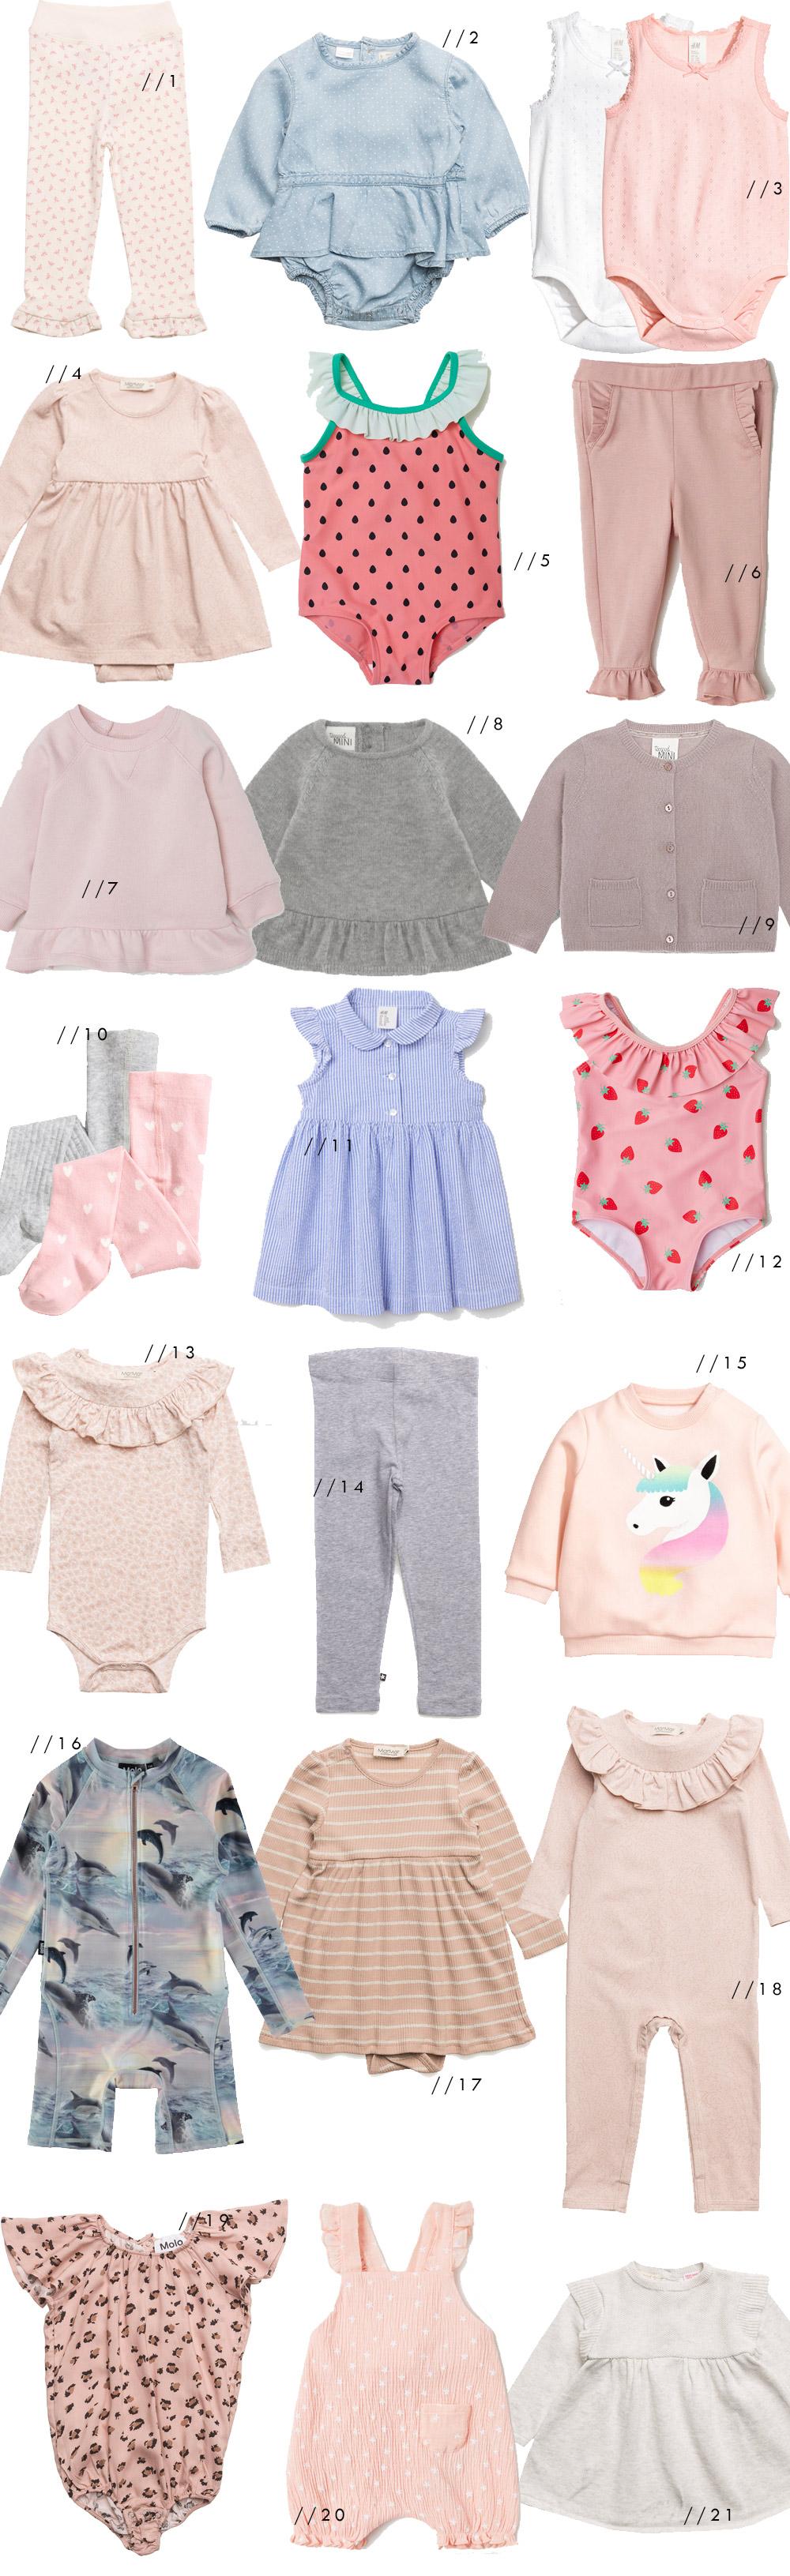 sommergarderobe-baby-kjole-badedragt-uv